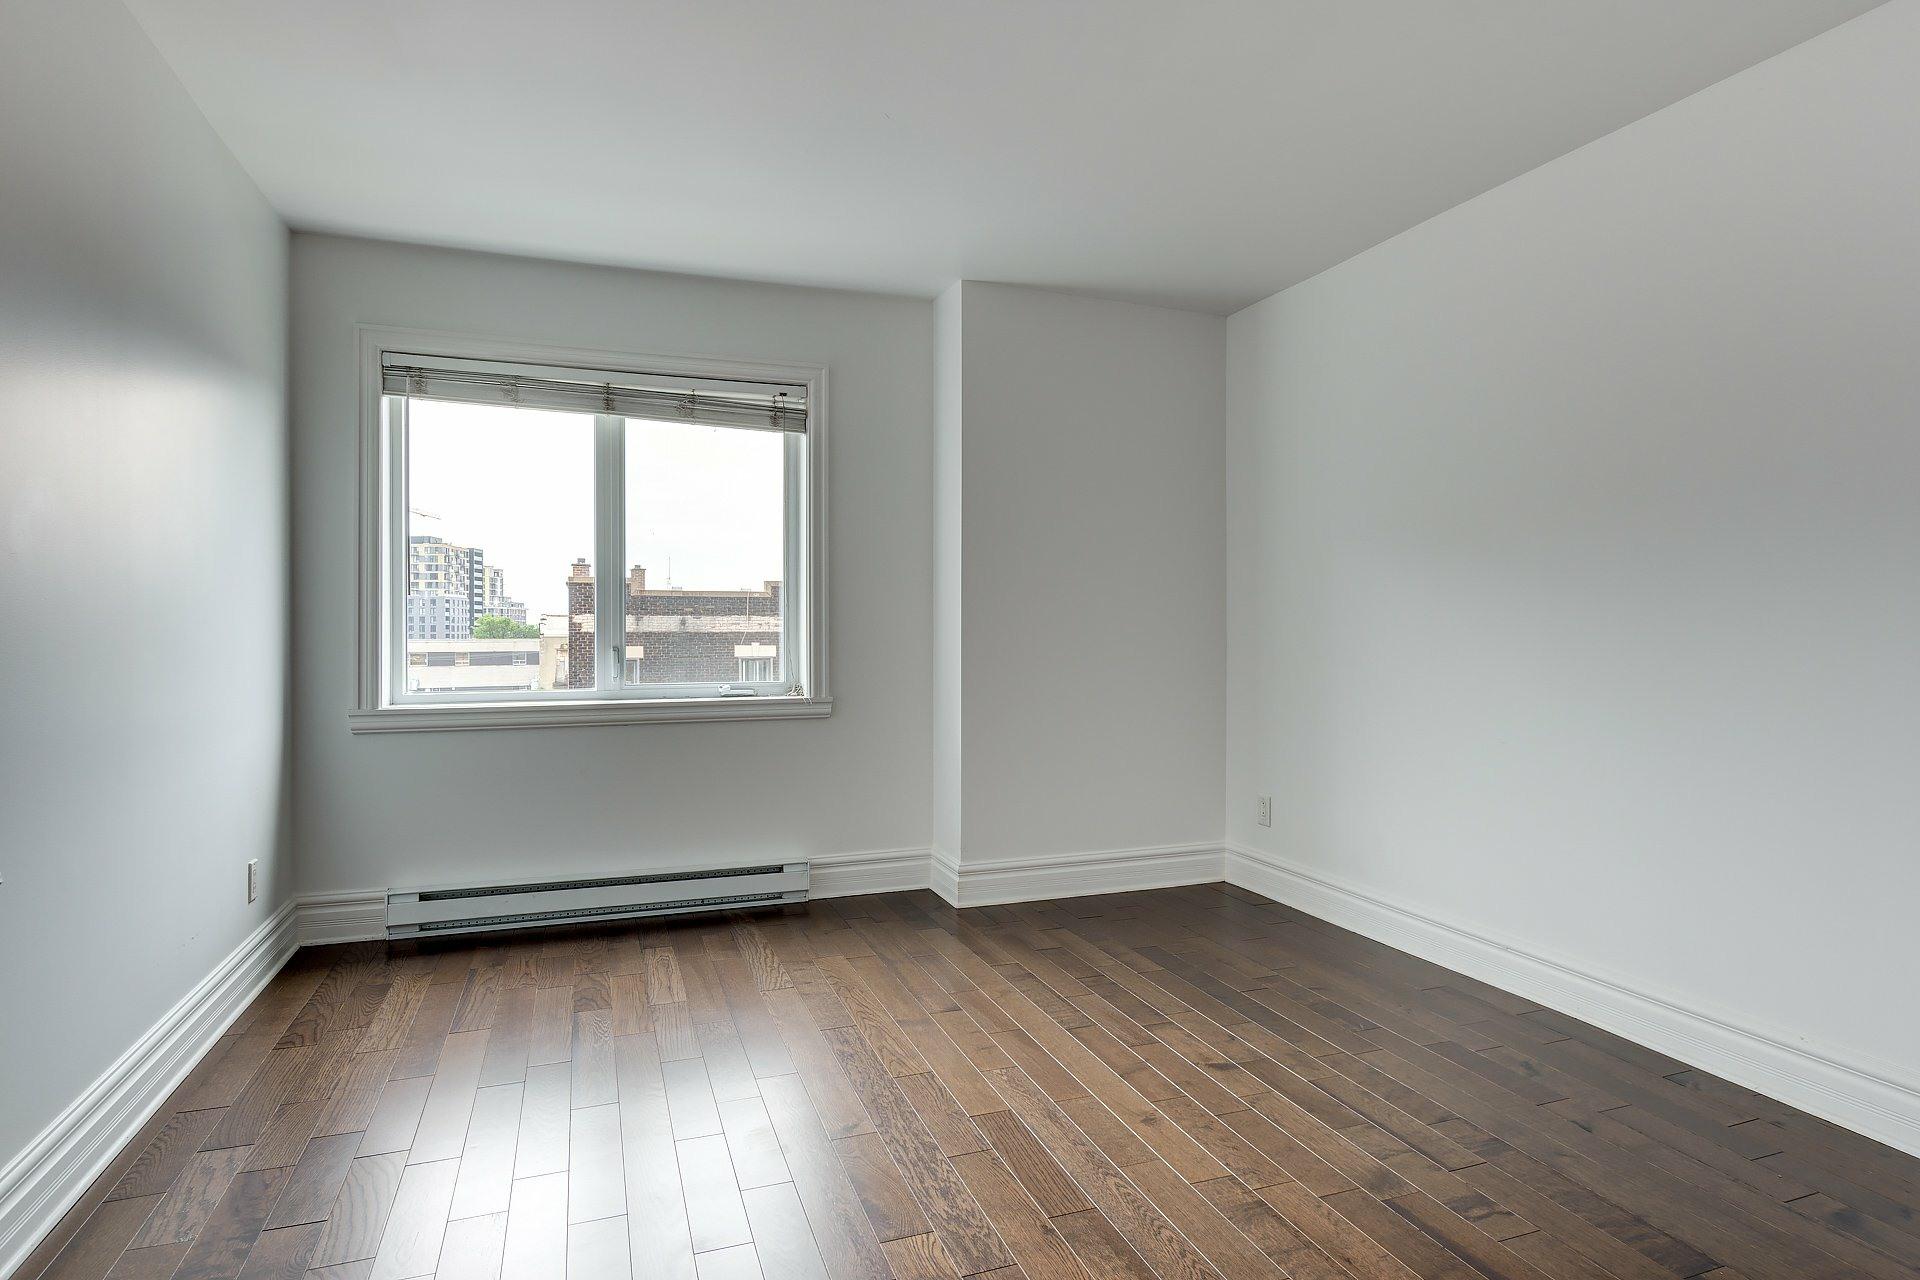 image 11 - Appartement À vendre Montréal Ville-Marie  - 4 pièces